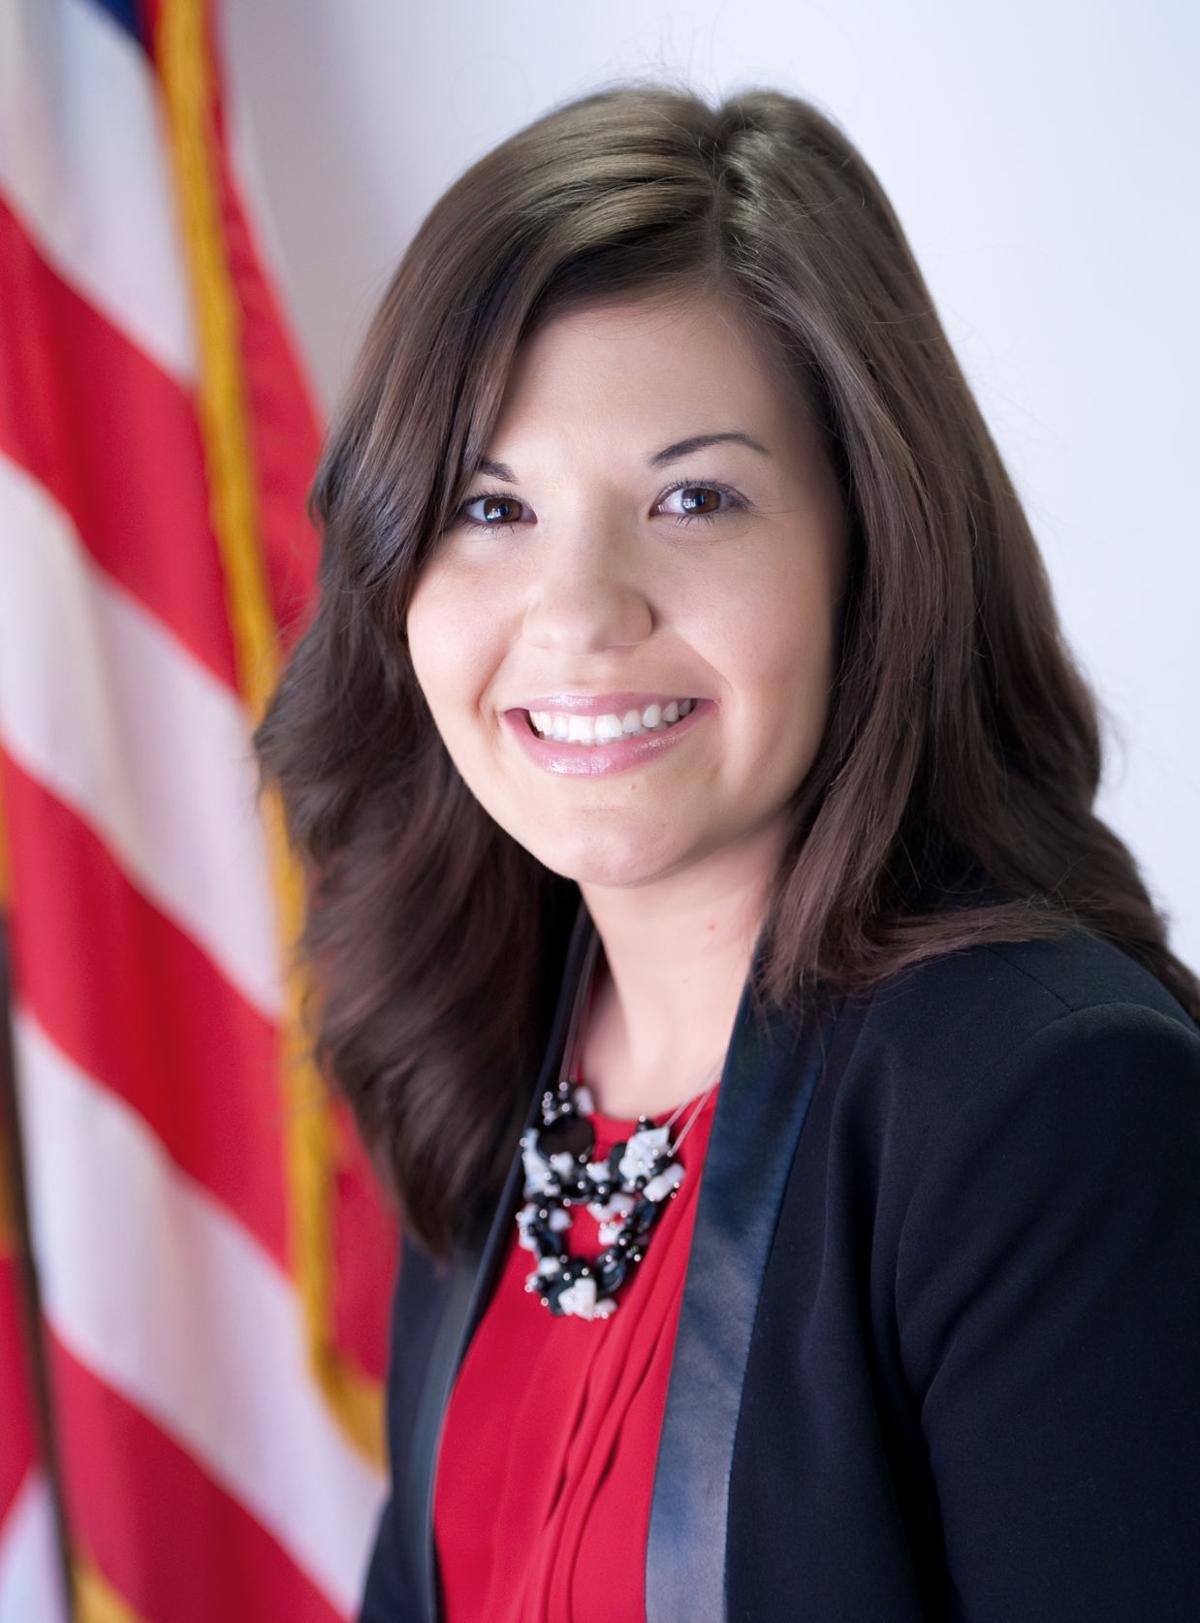 Nikki Bowmar